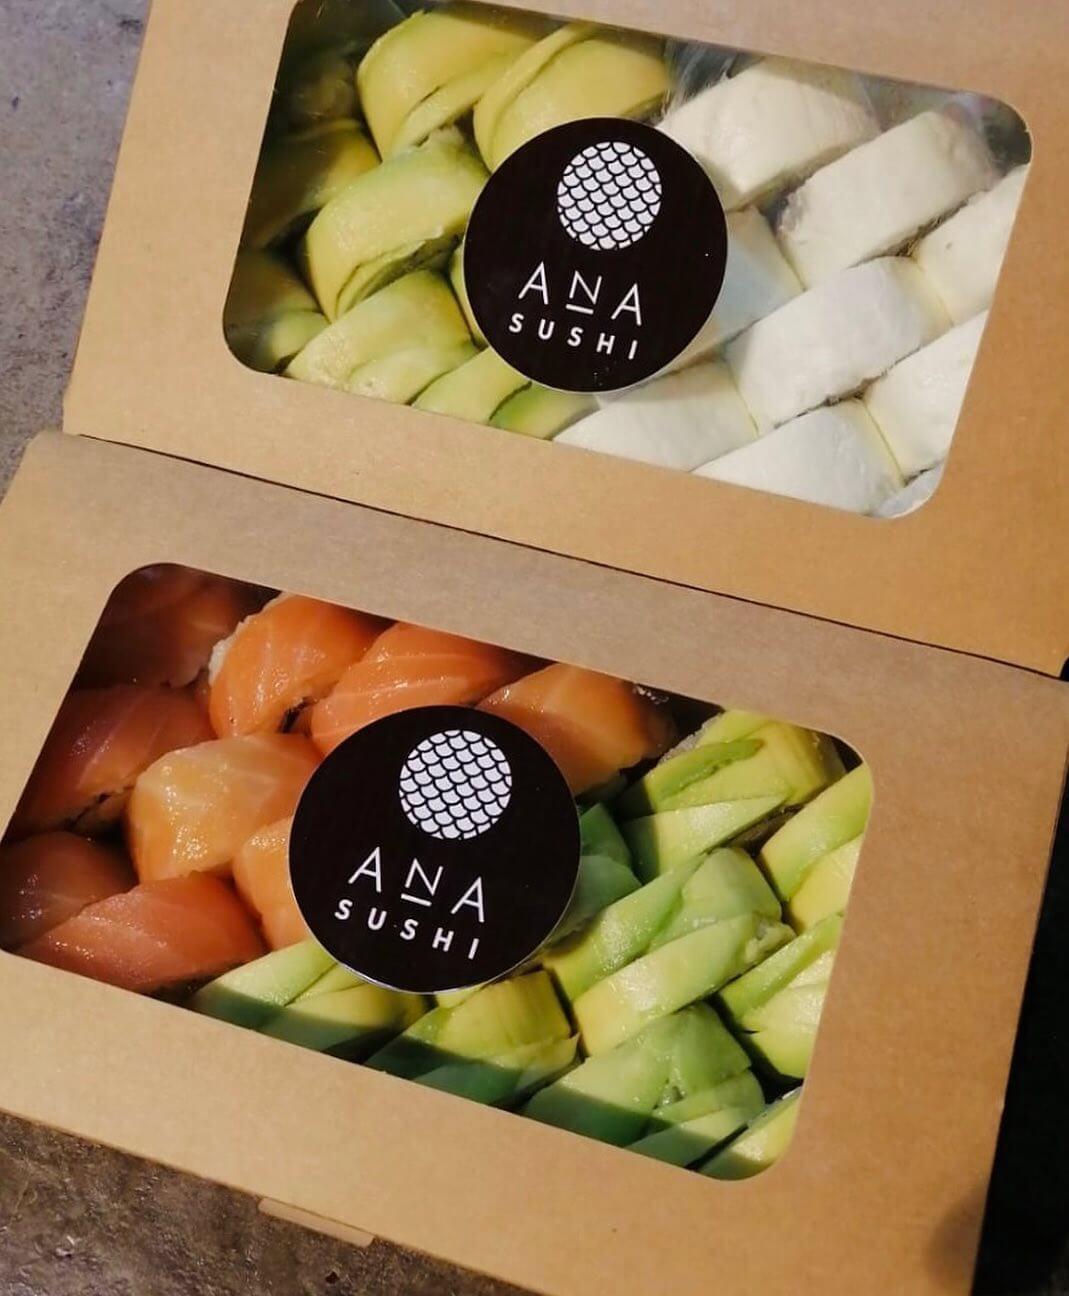 ana sushi promos